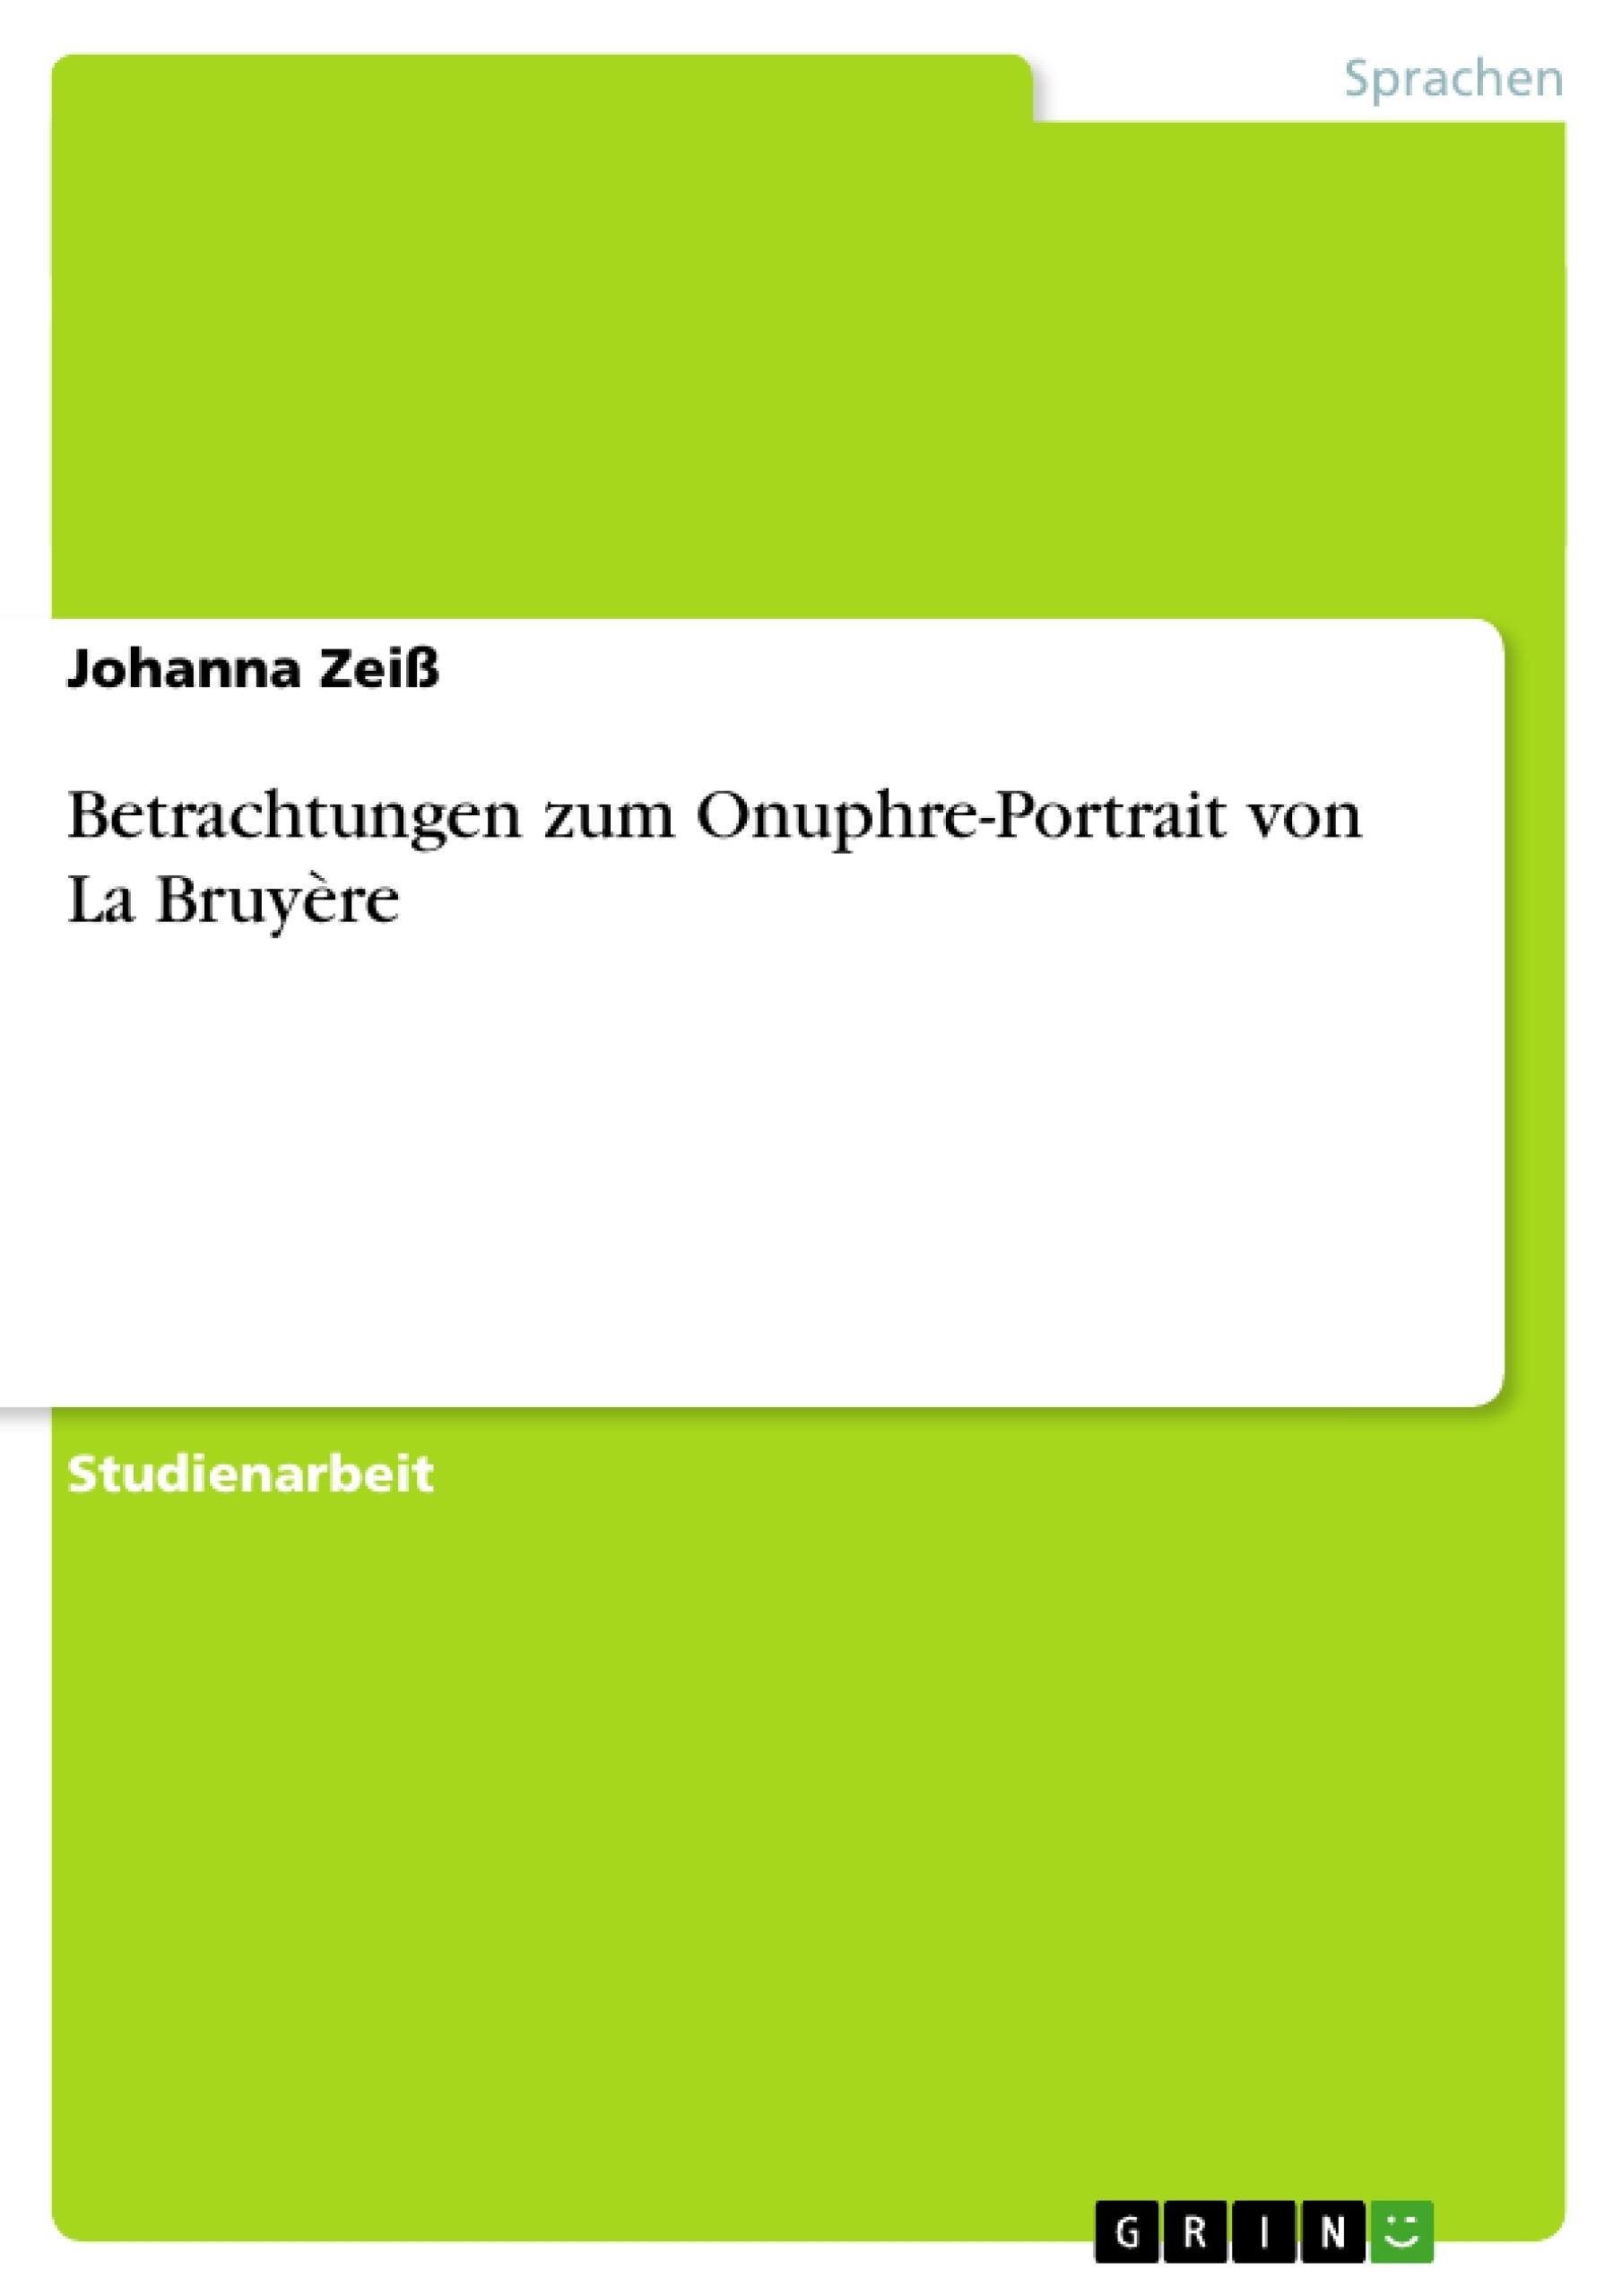 Titel: Betrachtungen zum Onuphre-Portrait von La Bruyère